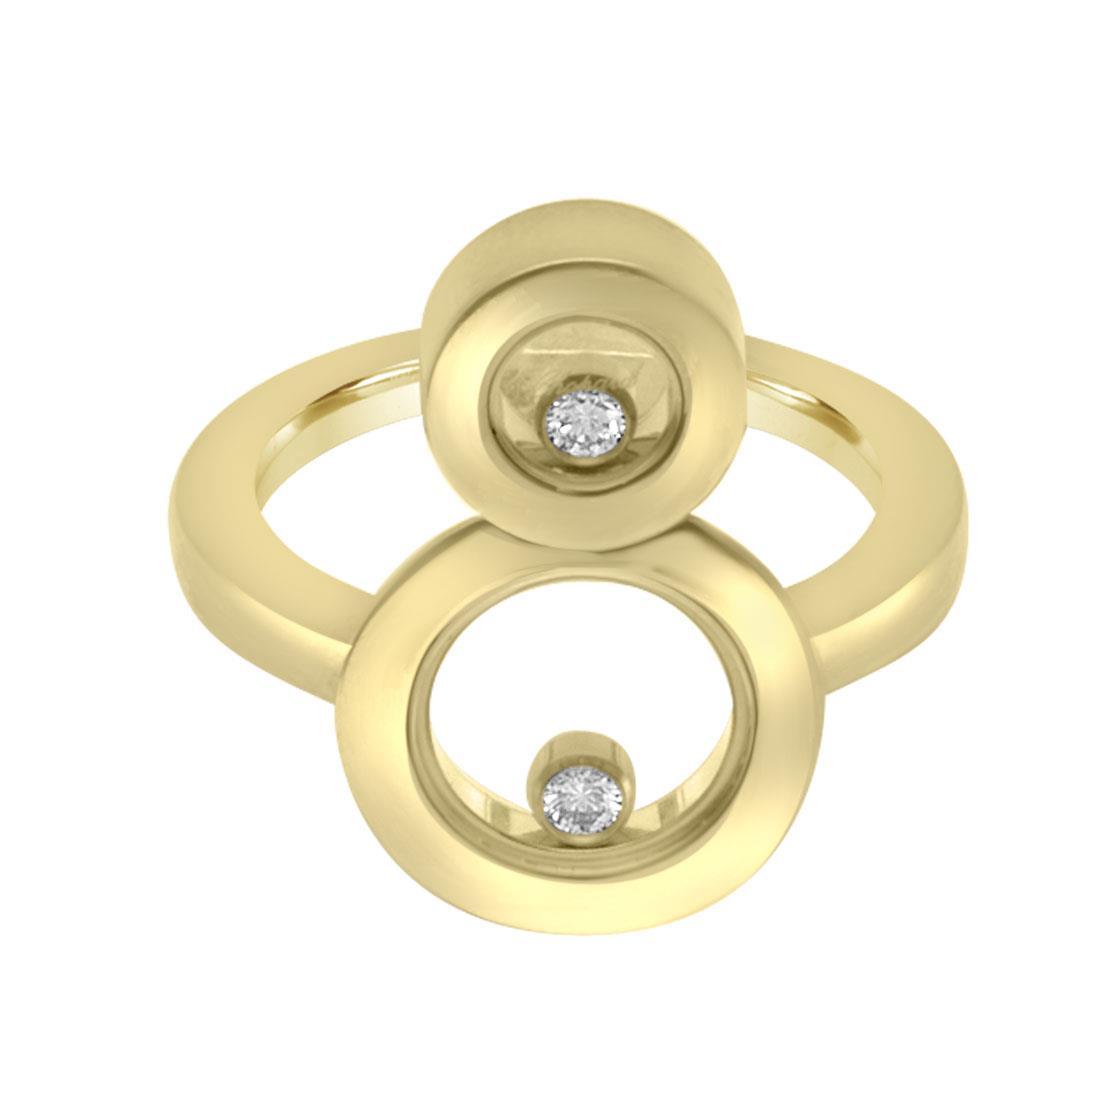 Anello in oro rosa con diamanti ct 0.10, misura 13 - CHOPARD